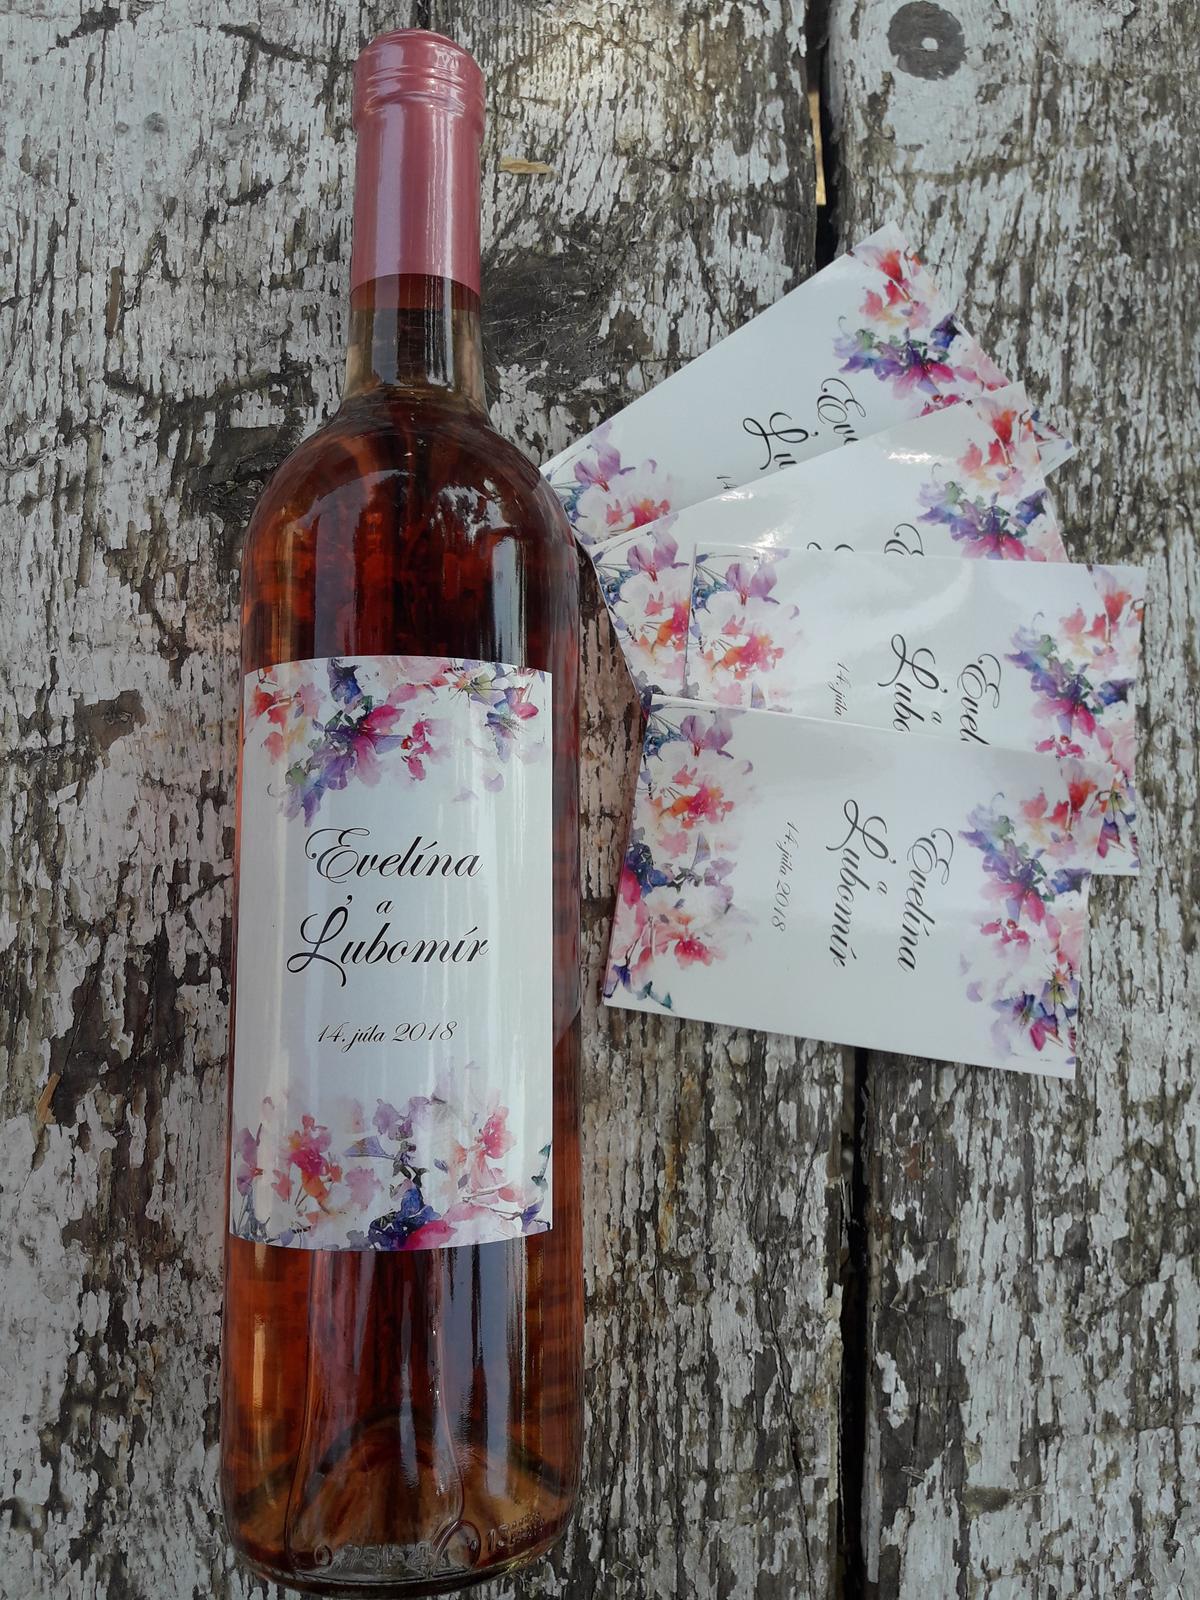 vinomaravilla - Svadobné vínko bolo ružové teda aj etikete svedčí elegancia kvetín okolo